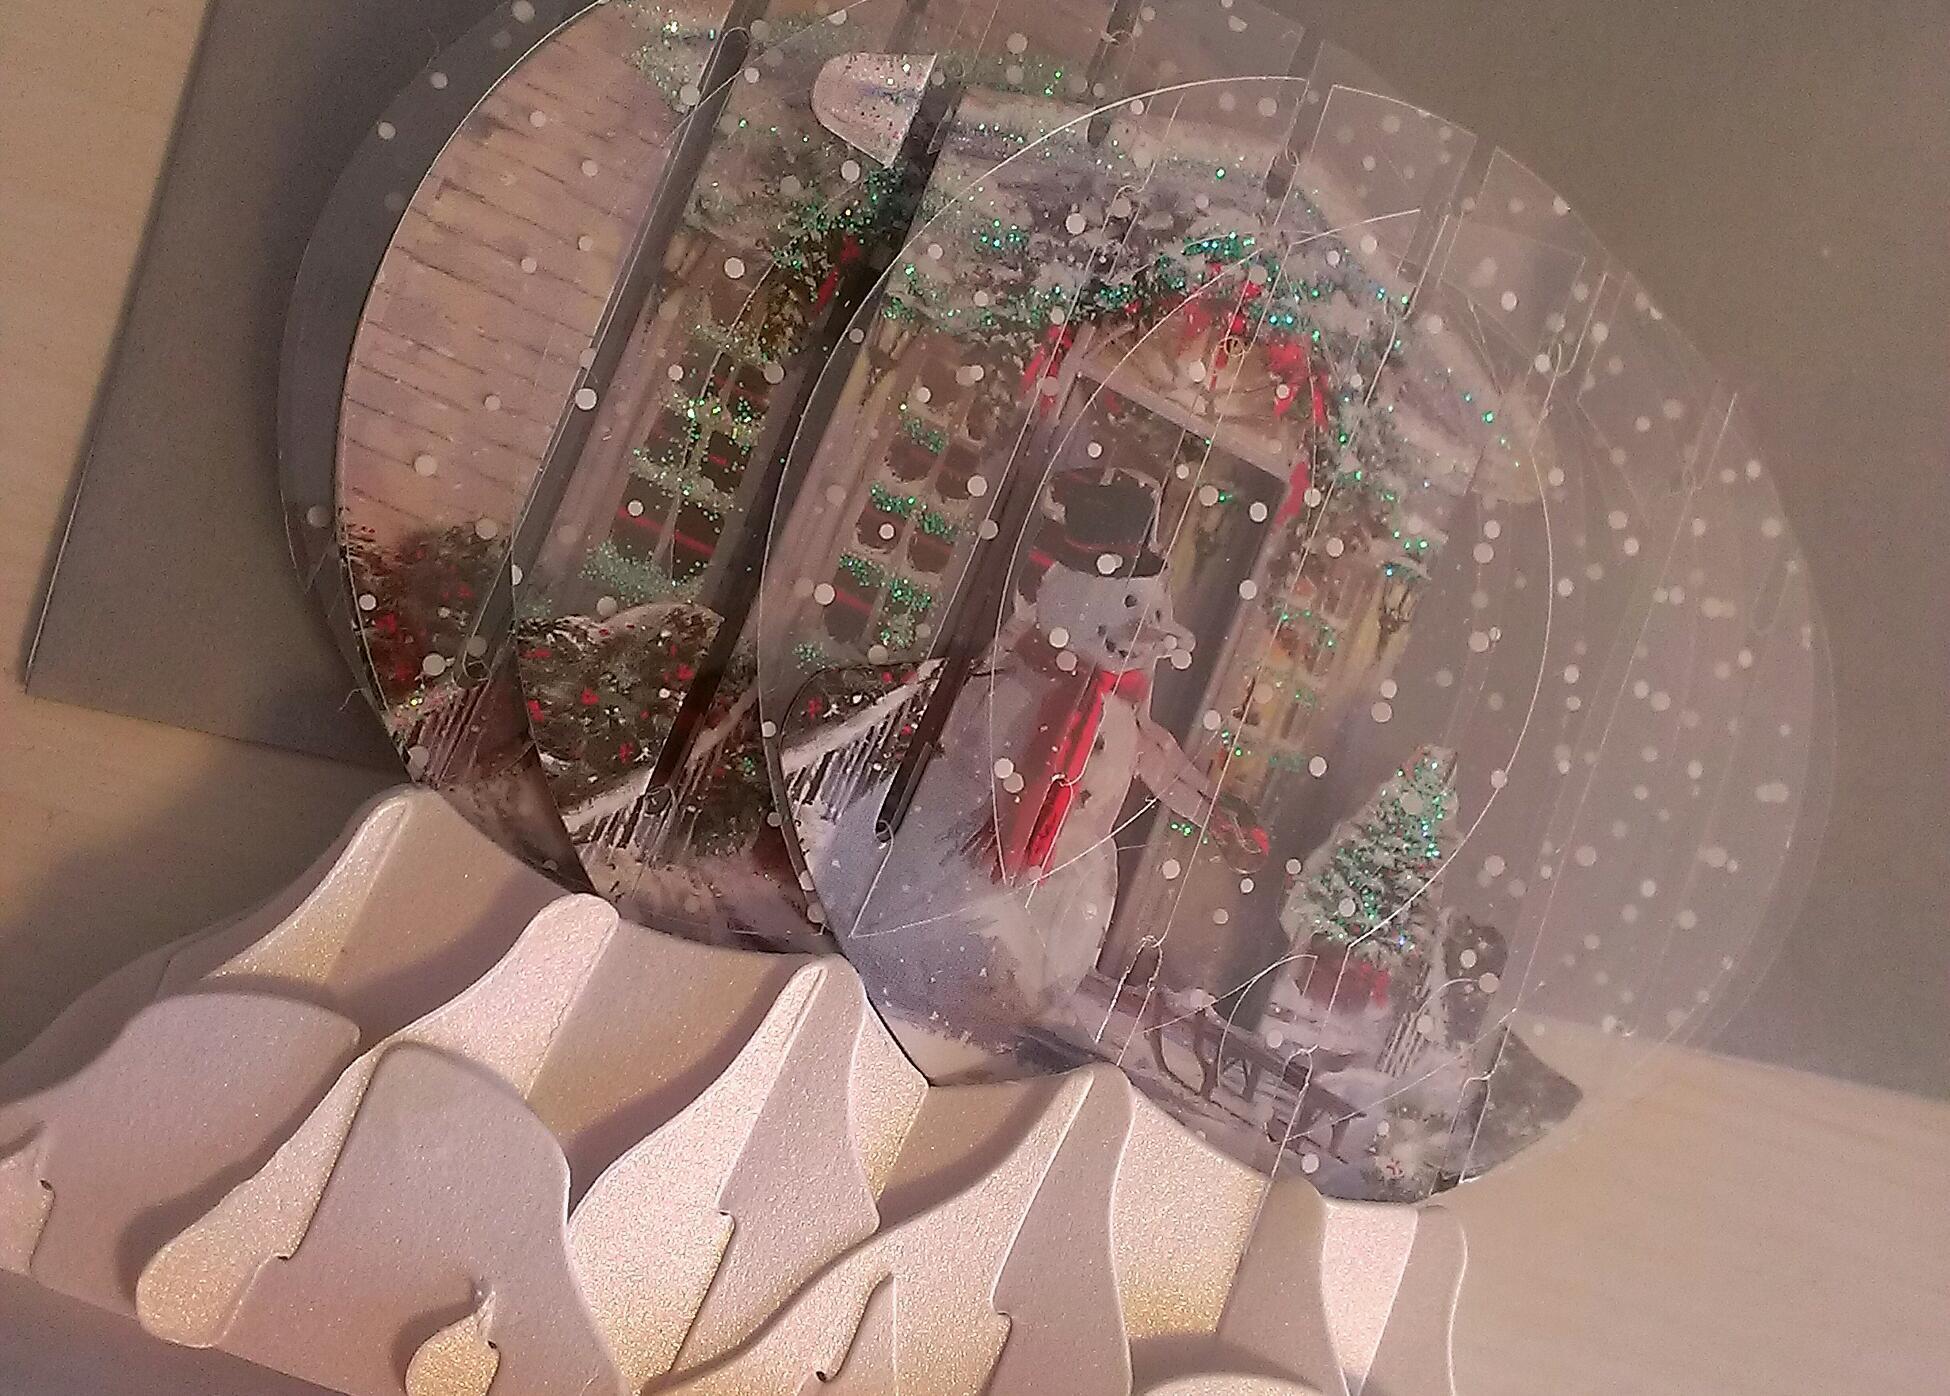 d0074259_13070215.jpg